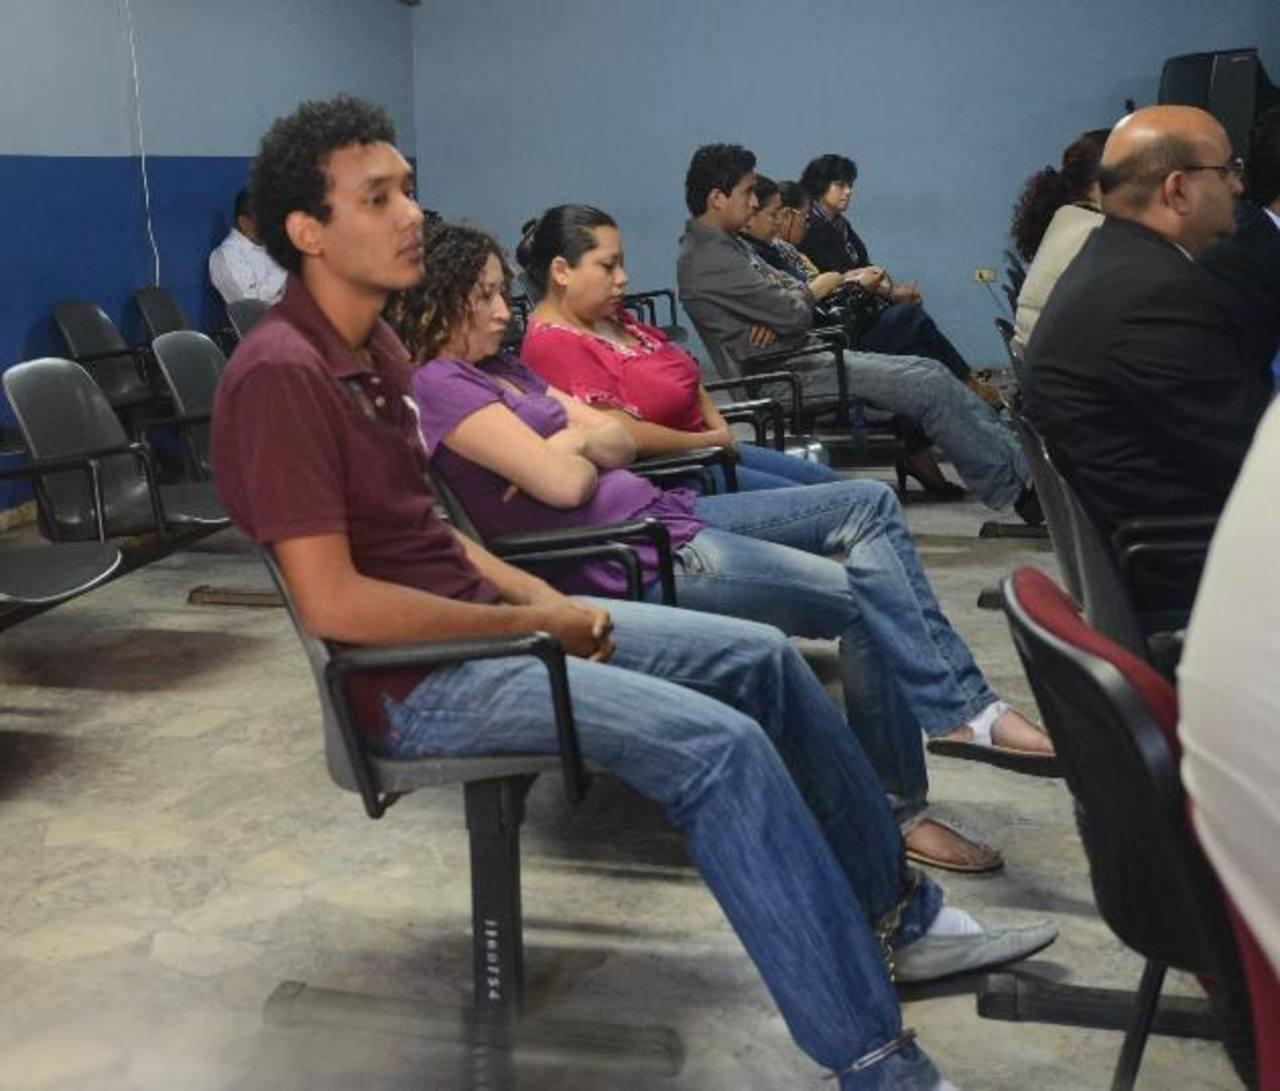 Andrea Bobadilla (rosado) admitió su participación en el hecho, Claudia y Alejandro insistieron en su inocencia. Foto EDH / D. Urquilla